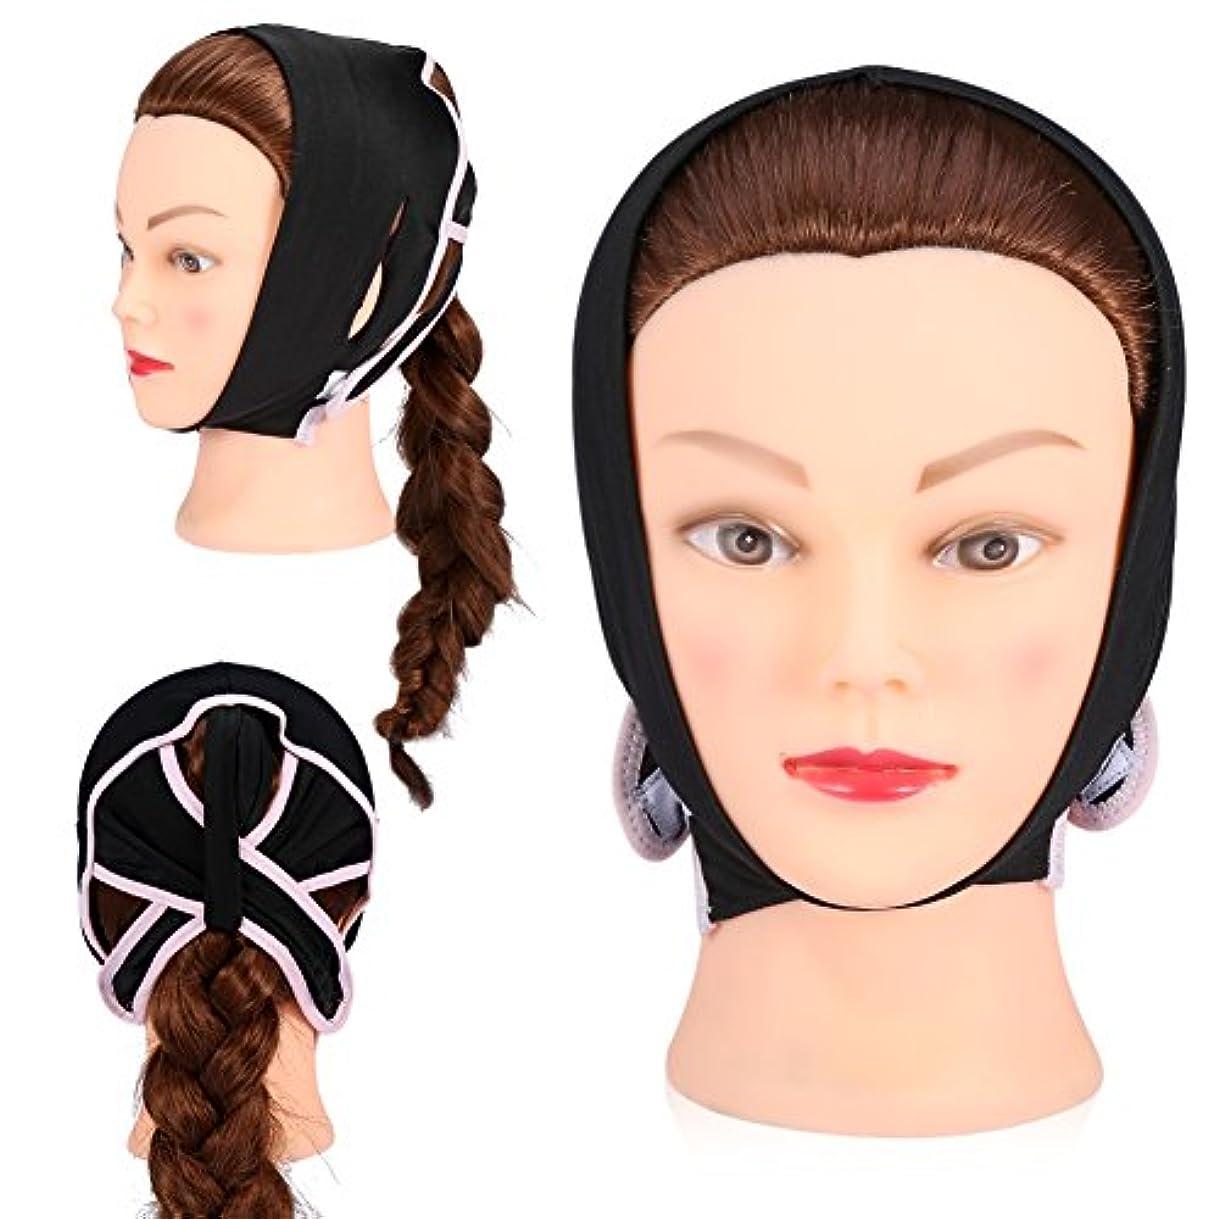 証書ブレーク夢中顔 輪郭 改善 Vフェイス 美容包帯 首 頬 あご引き締めます(M)